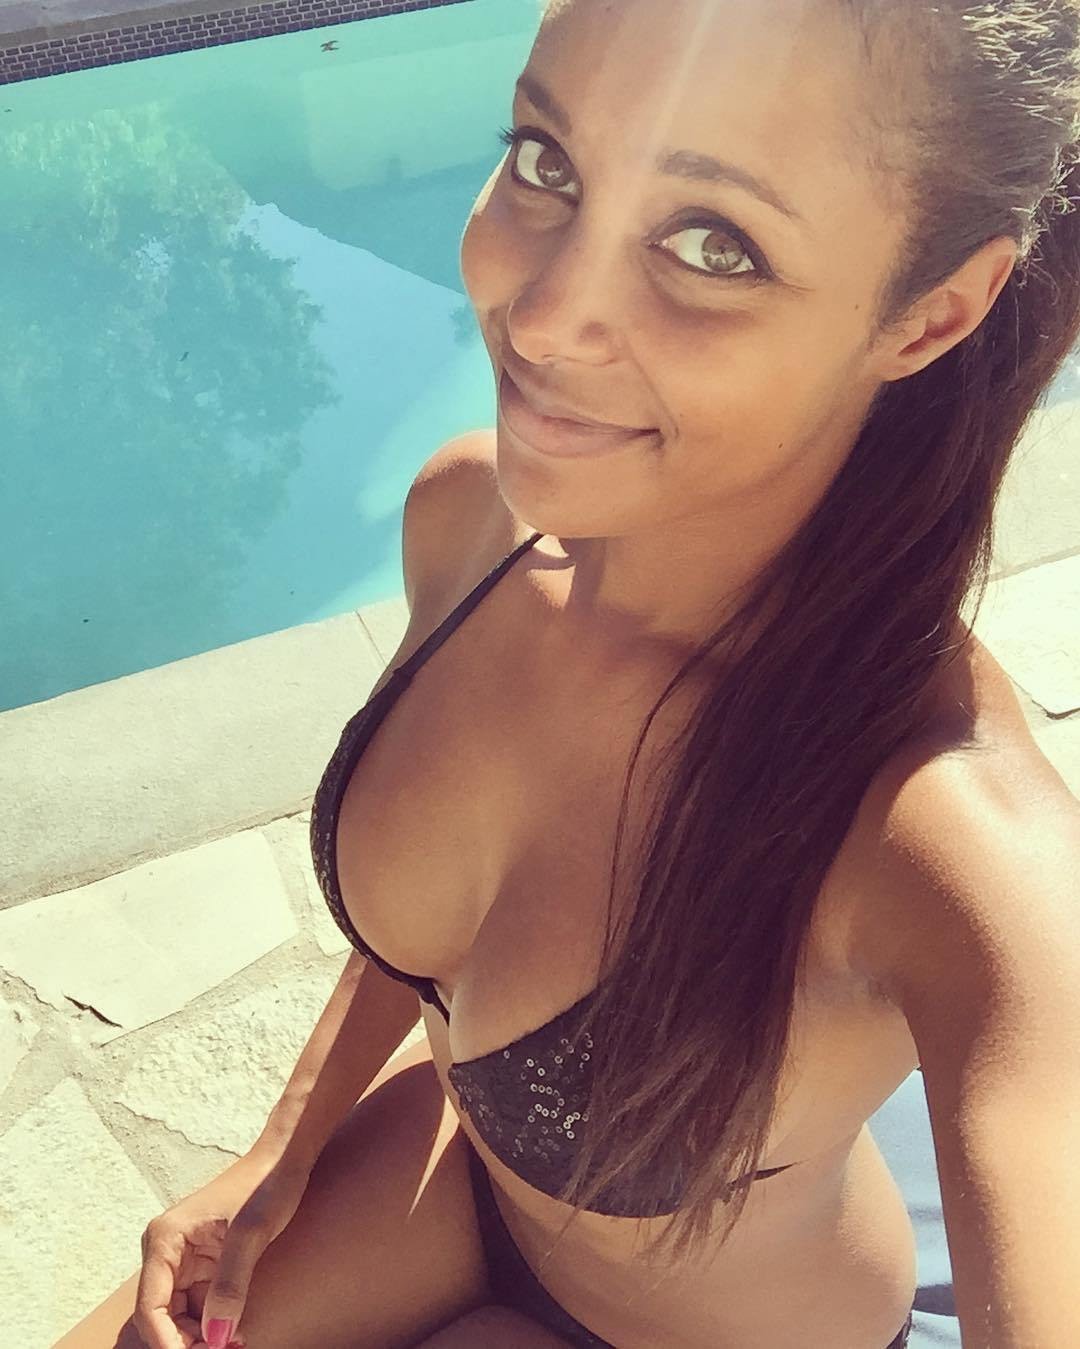 Brandi Rhodes Frontal Nude Selfies Leaked - Thefappening.link